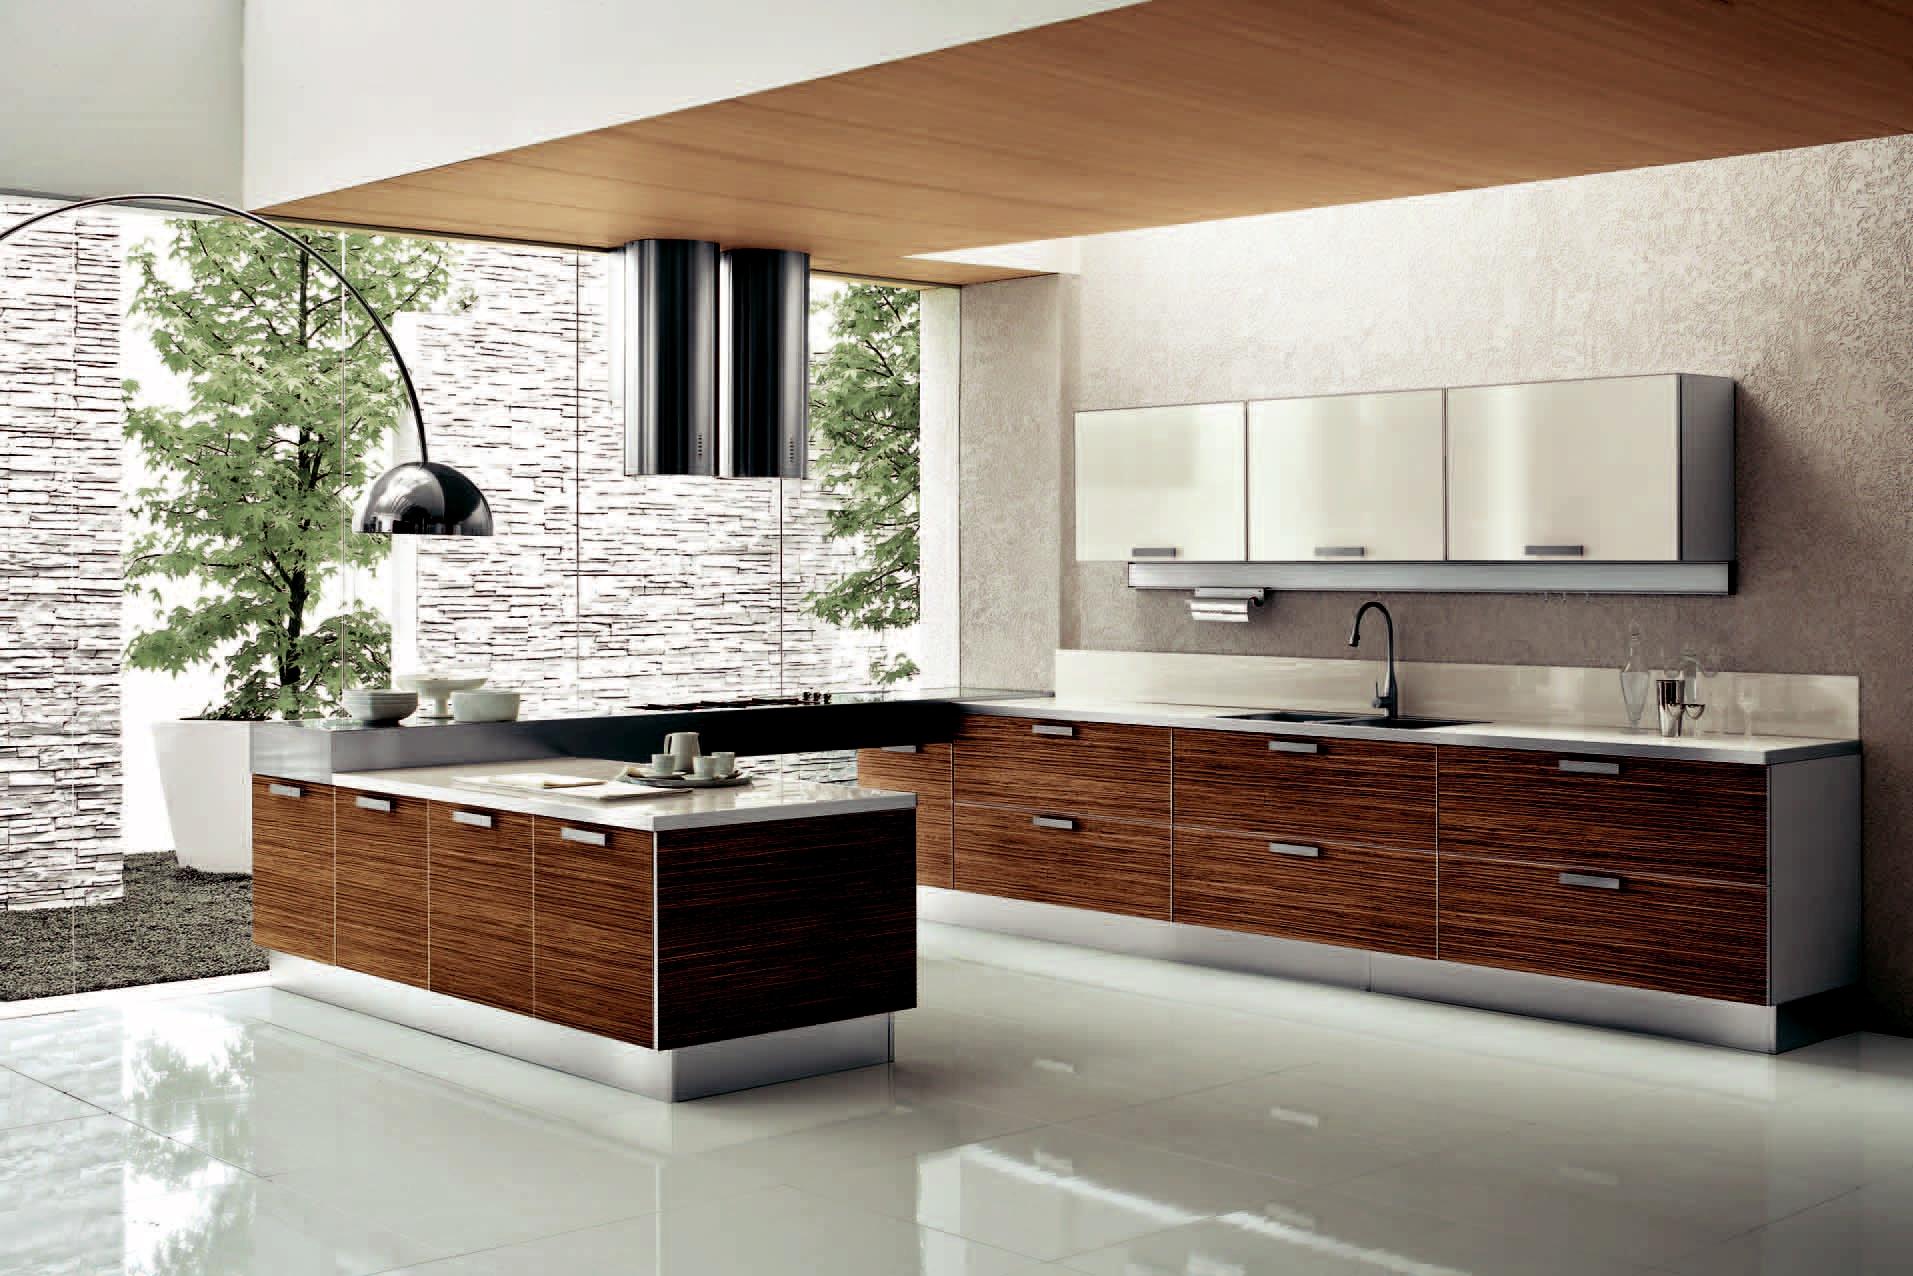 model dapur minimalis dengan backsplash di dinding dapur